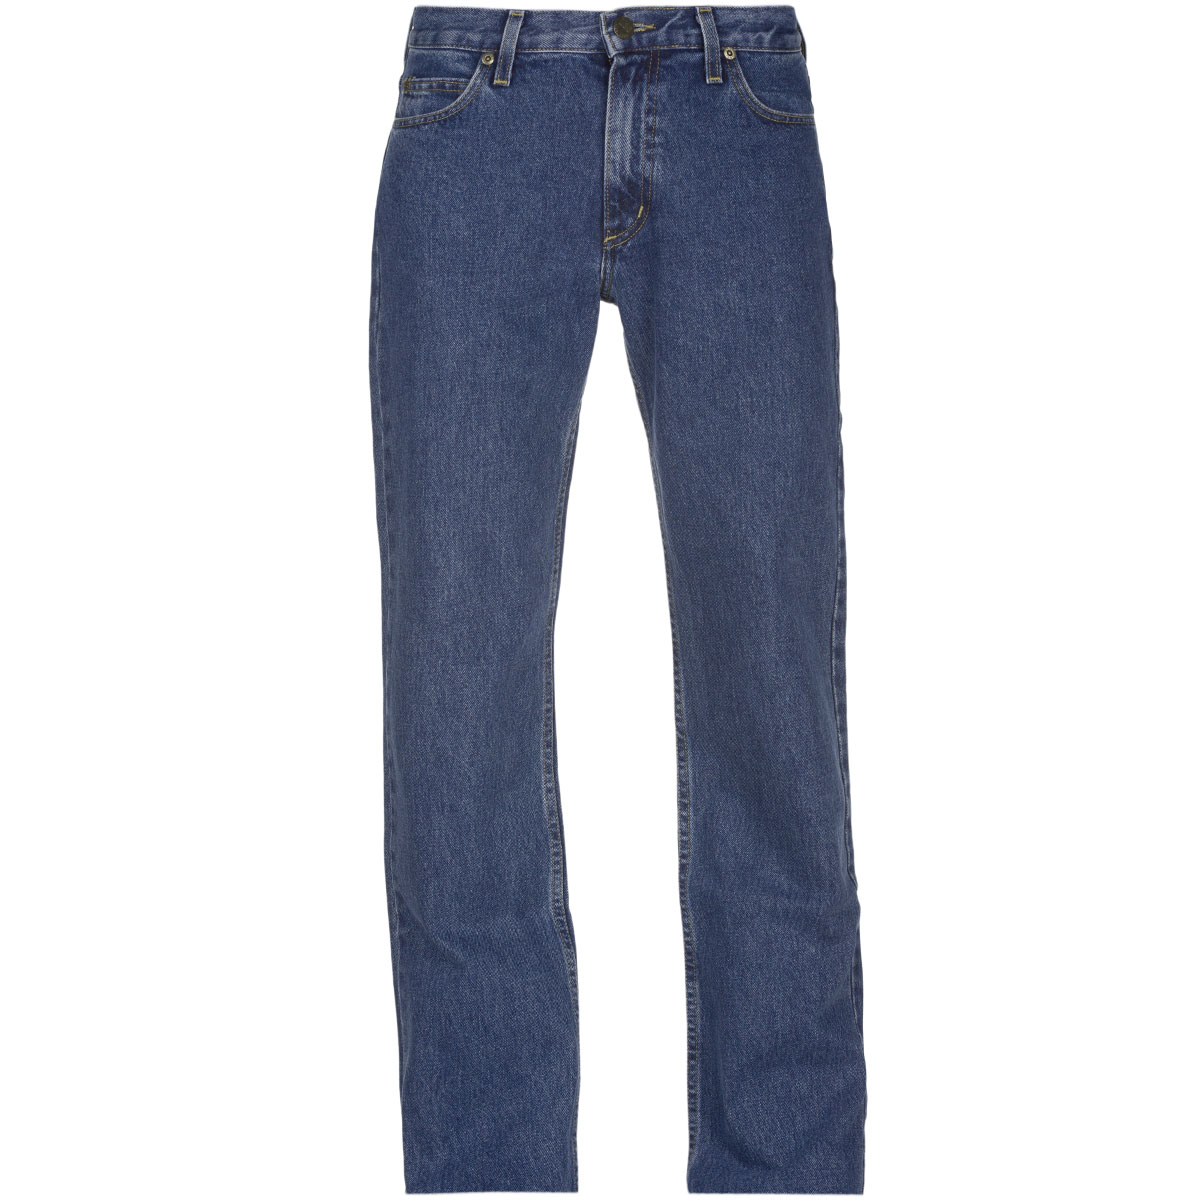 Джинсы мужские Lee Brooklyn Comfort, цвет: синий. L8124446. Размер 36-32 (52-32)L8124446Стильные мужские джинсы Lee Brooklyn Comfort - джинсы высочайшего качества на каждый день, которые прекрасно сидят. Модель прямого кроя и средней посадки изготовлены из высококачественного материала, не сковывают движения. Застегиваются джинсы на пуговицу и ширинку на застежке-молнии, имеются шлевки для ремня. Спереди модель оформлены двумя втачными карманами и одним небольшим секретным кармашком, а сзади - двумя накладными карманами.Эти модные и в тоже время комфортные джинсы послужат отличным дополнением к вашему гардеробу. В них вы всегда будете чувствовать себя уютно и комфортно.